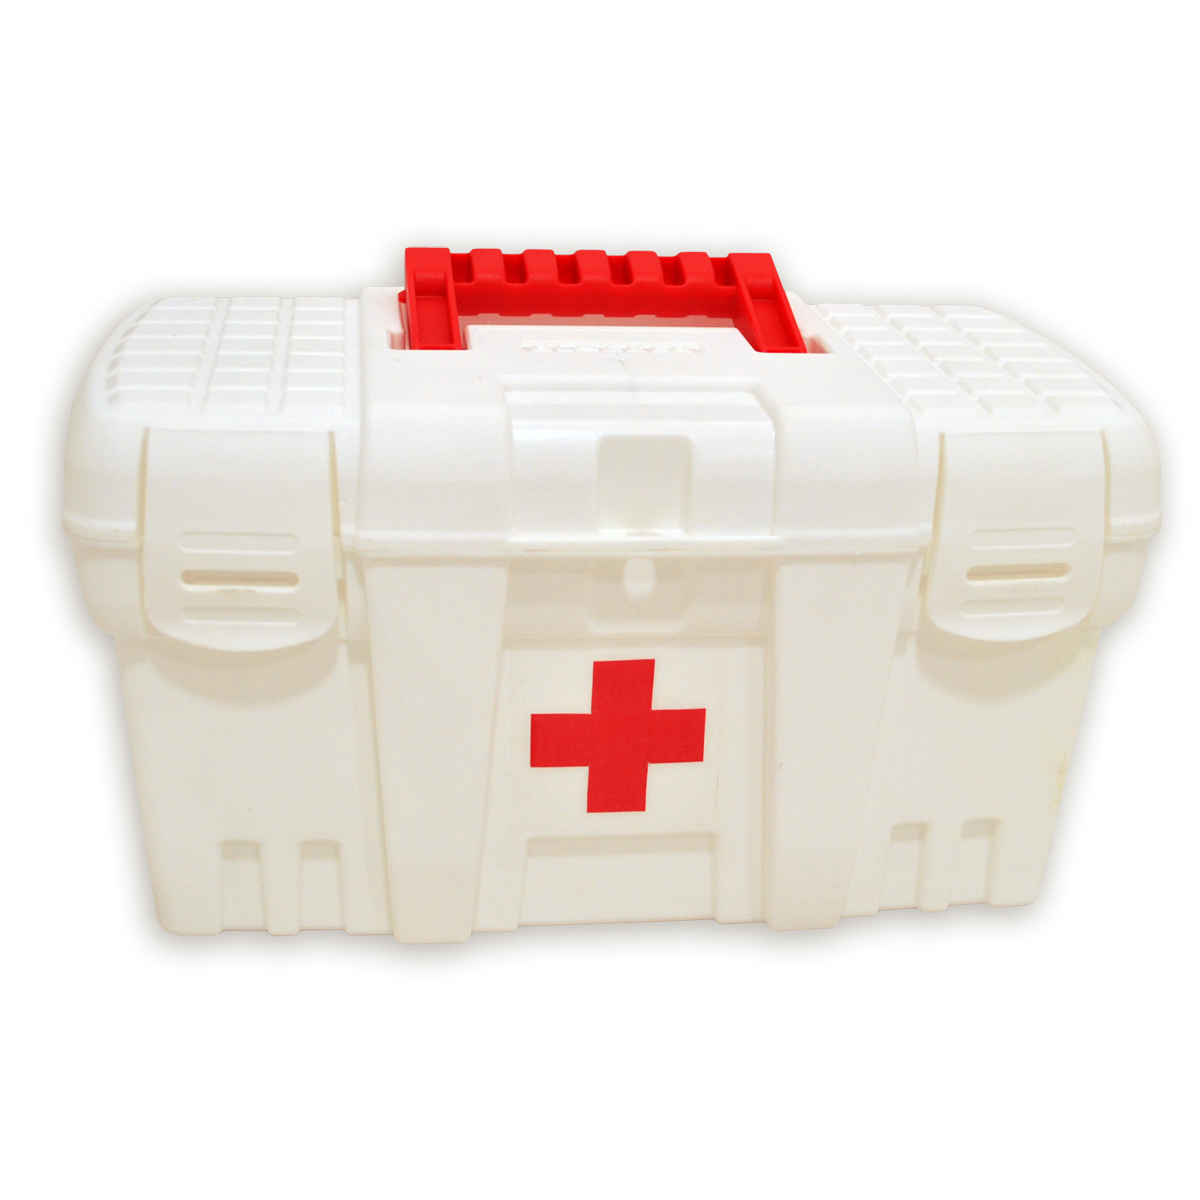 Аптечка Blocker Скорая Помощь, цвет: белый, 265 х 155 х 140 мм стоимость аптечка